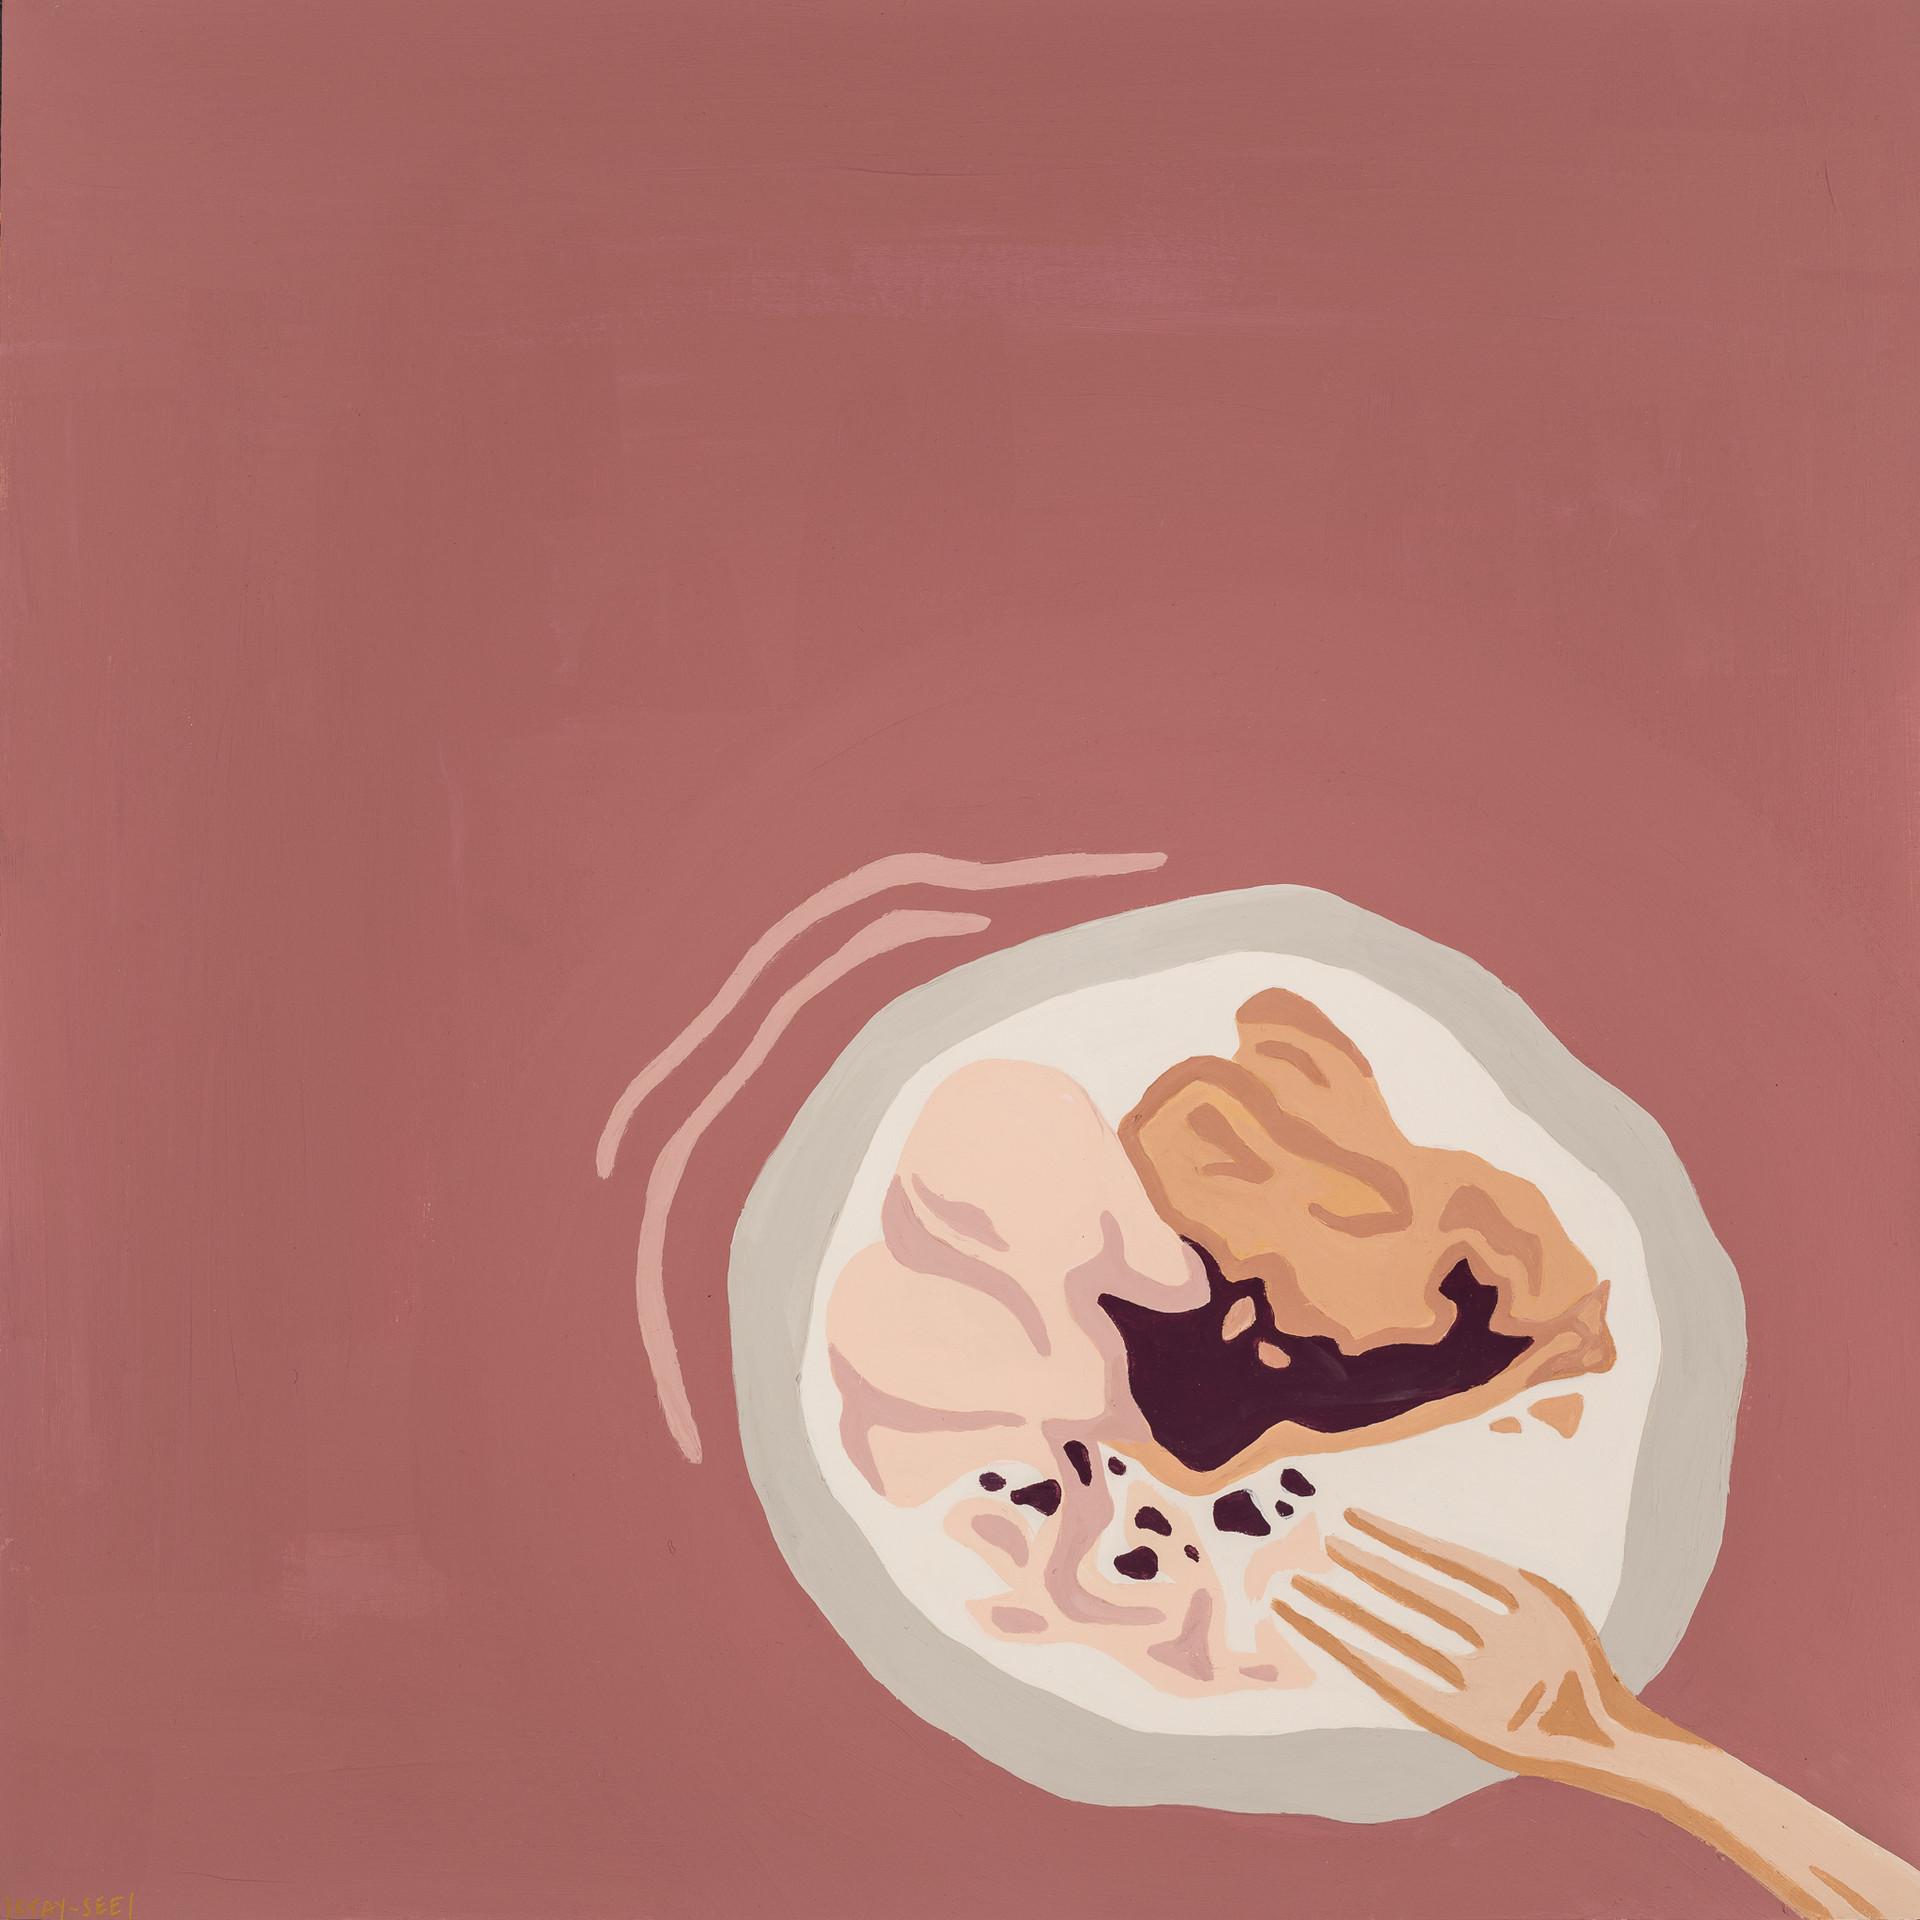 Ice Cream and Pie